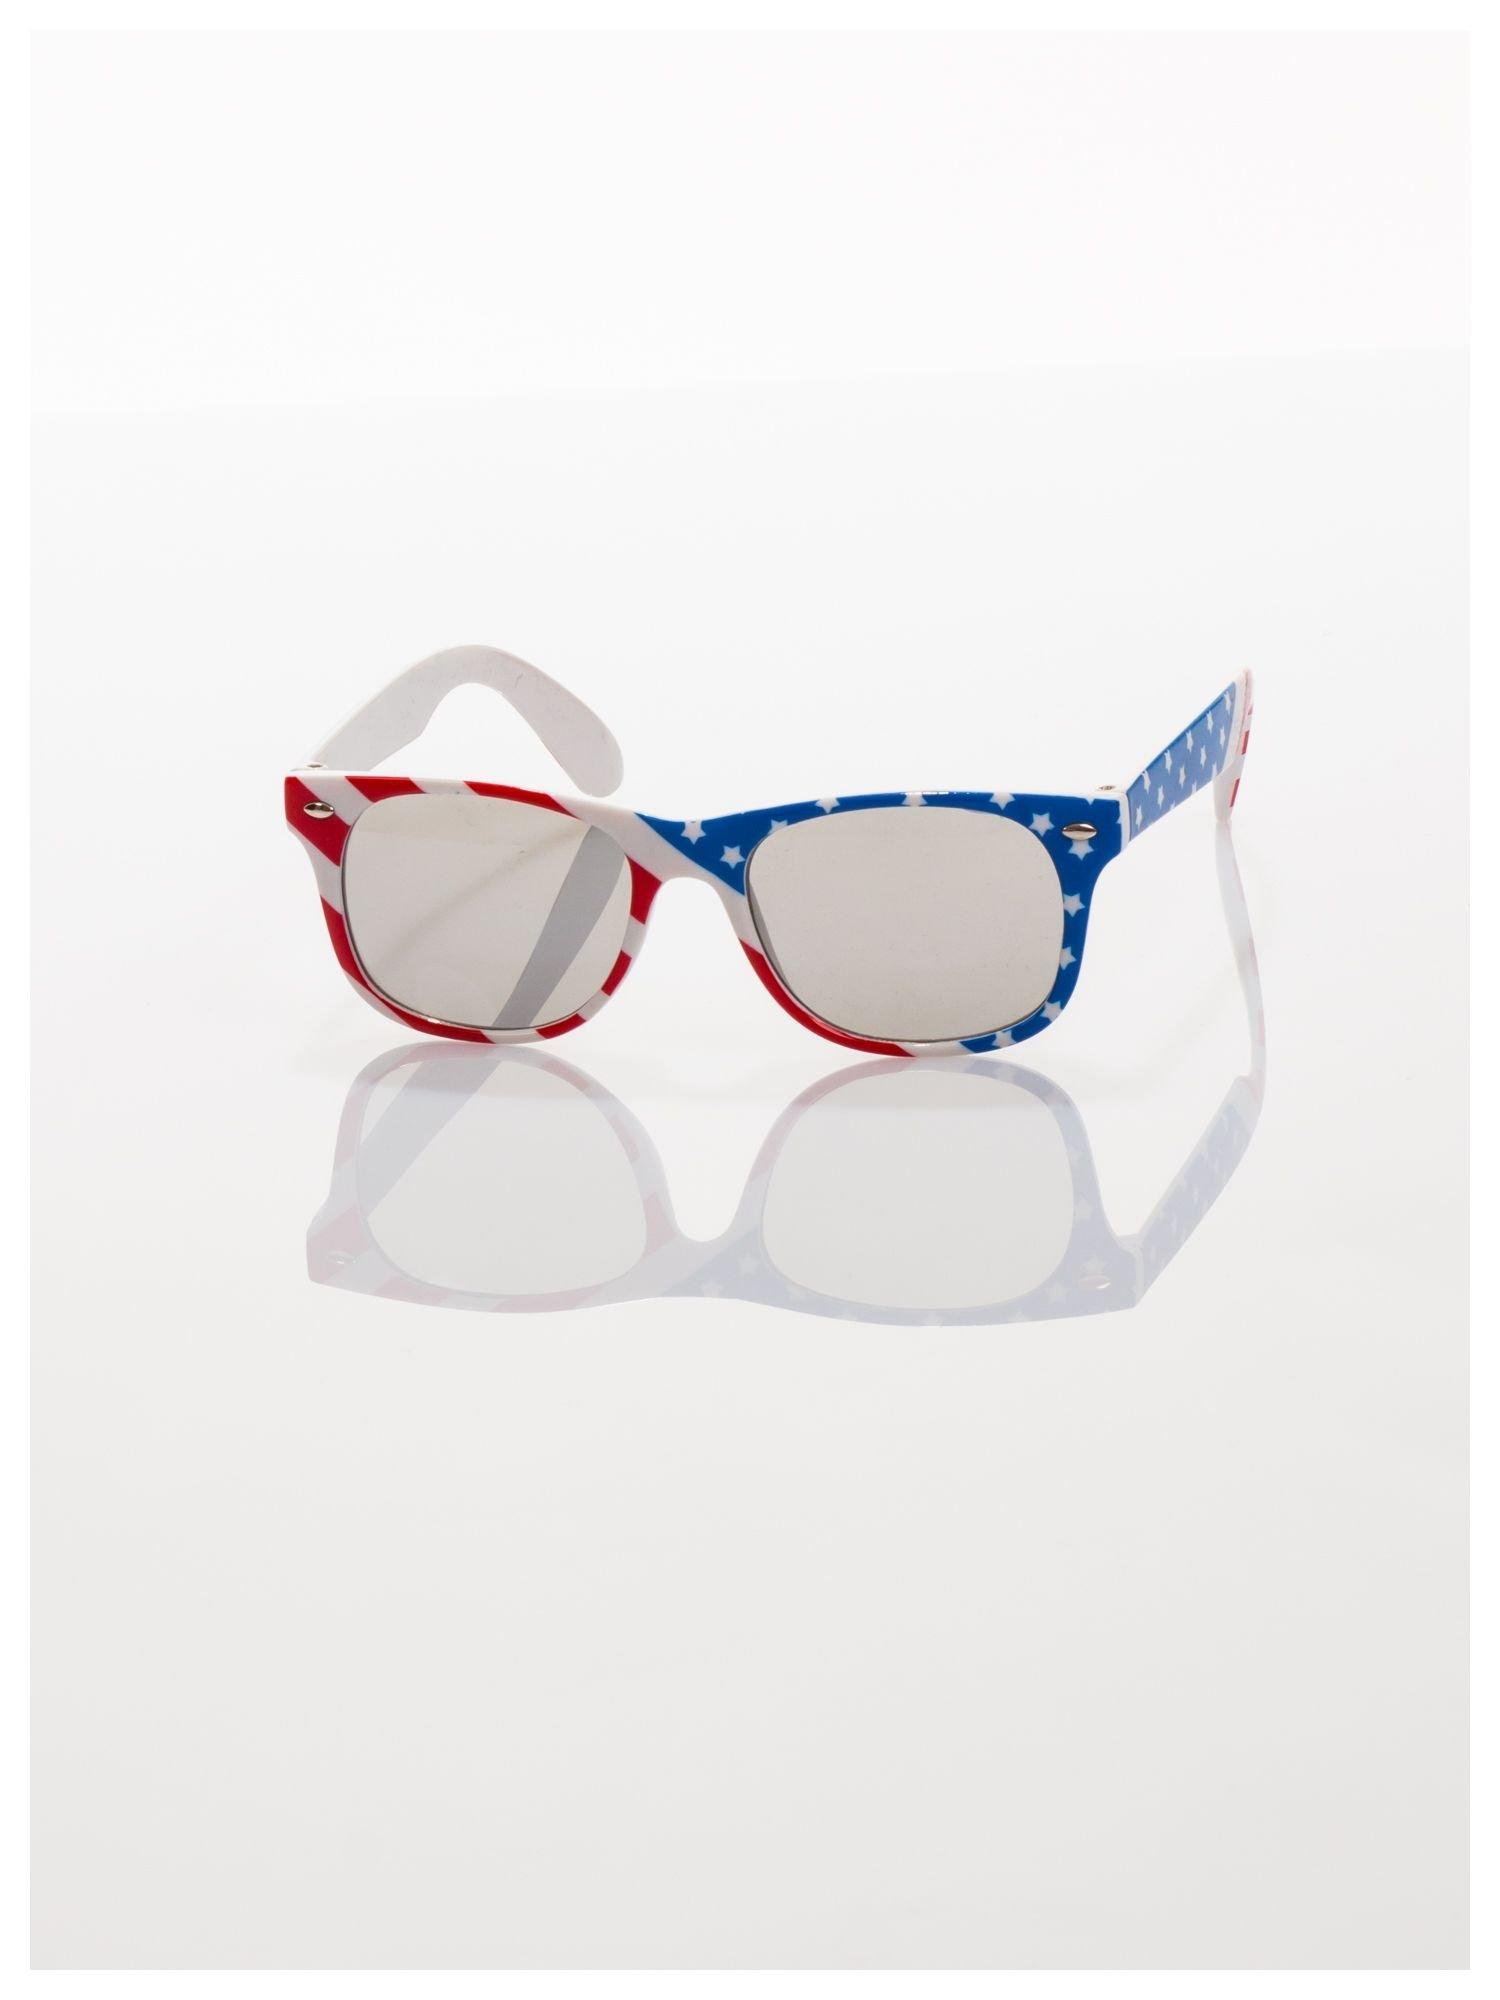 Dziecięce okulary z klasyczną oprawką WAYFARER NERD z filtrami odporne na wyginania                                  zdj.                                  2